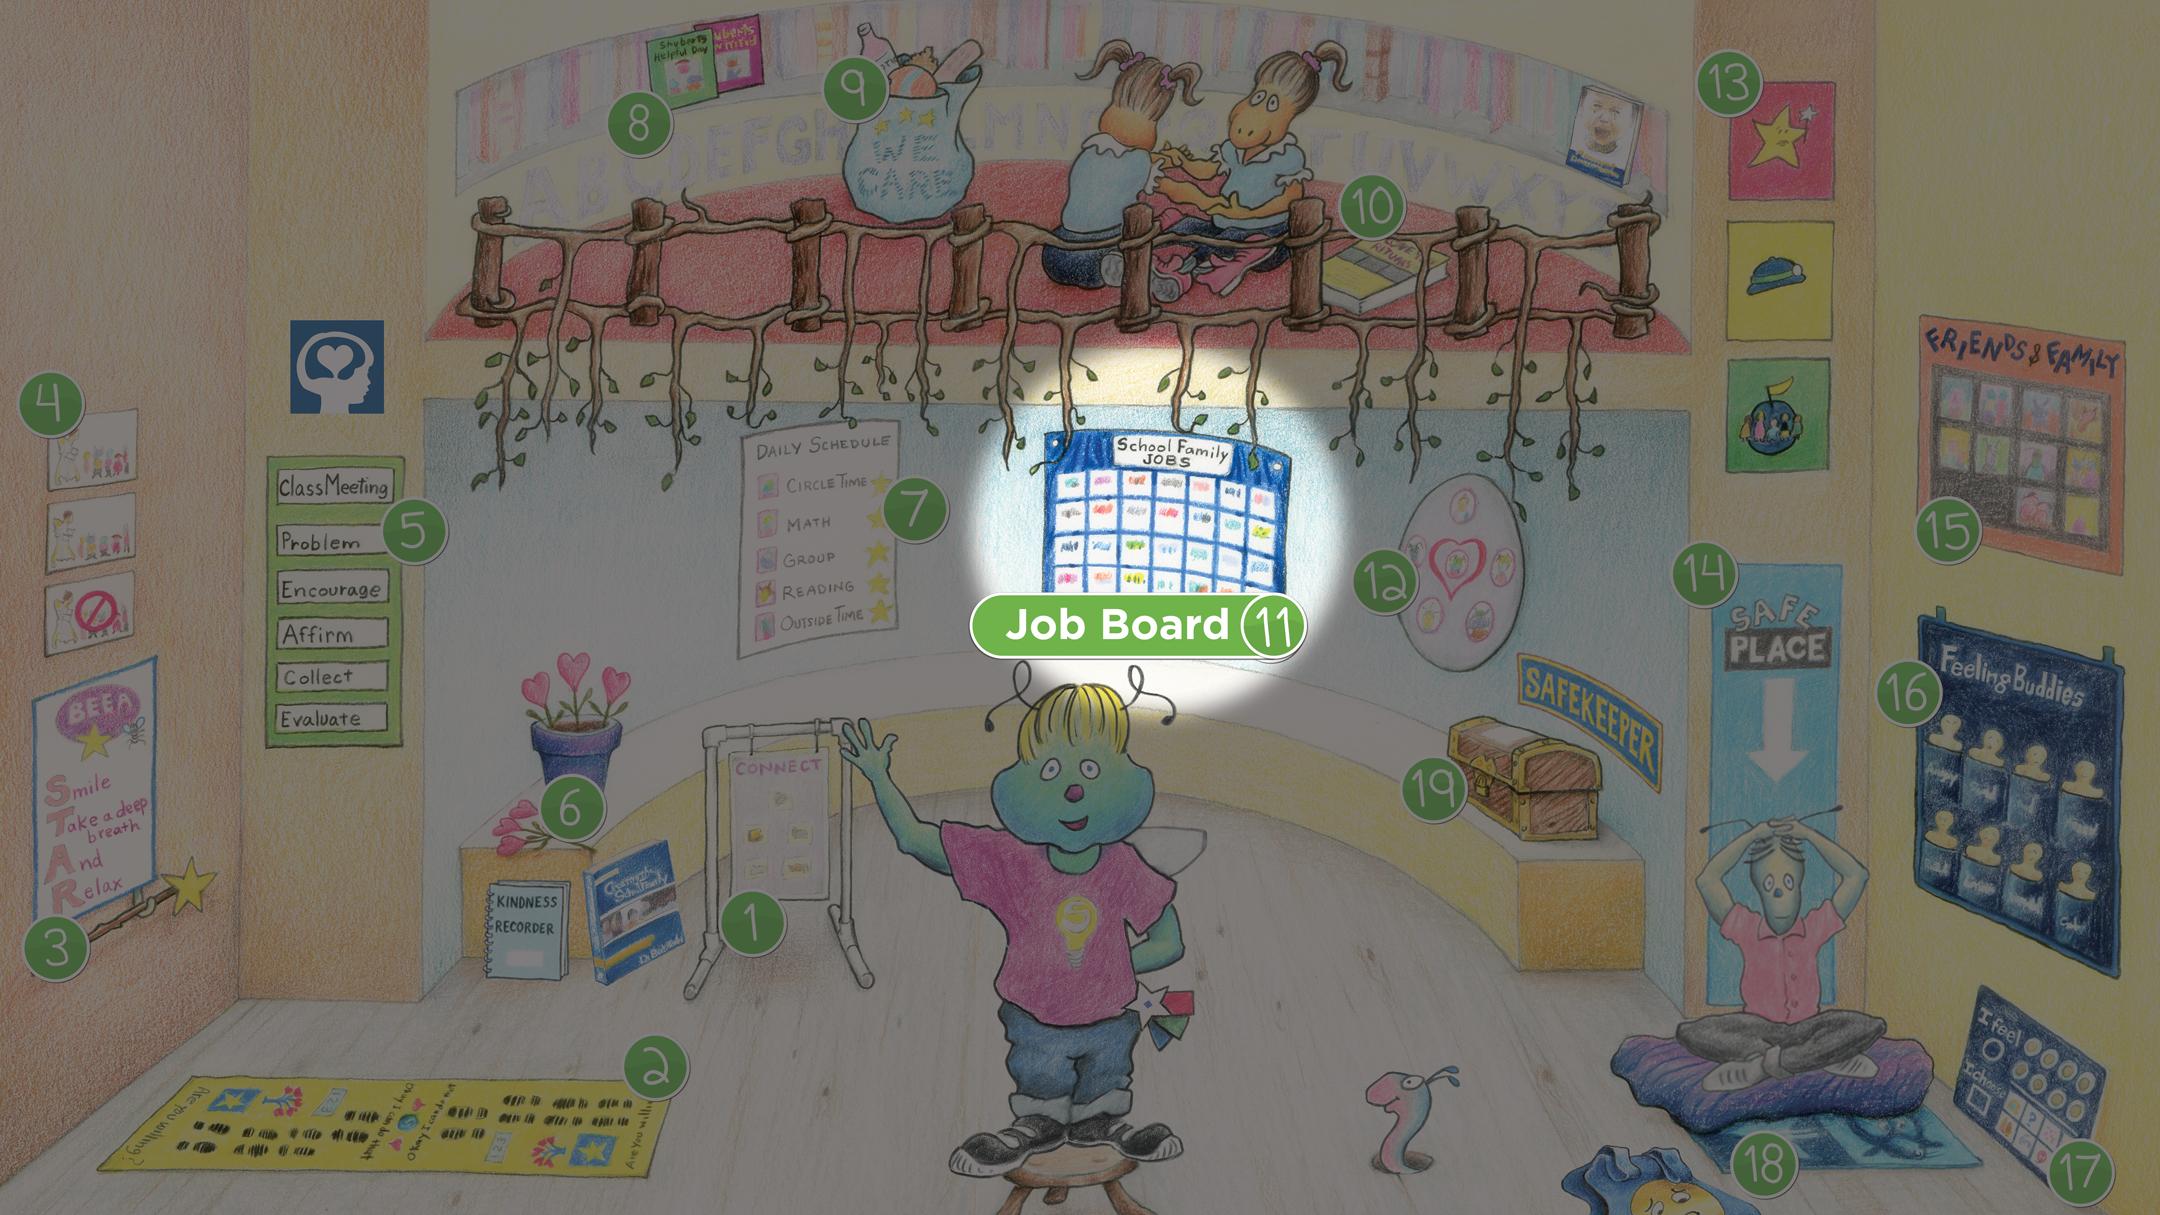 Shuberts Classroom Job Board